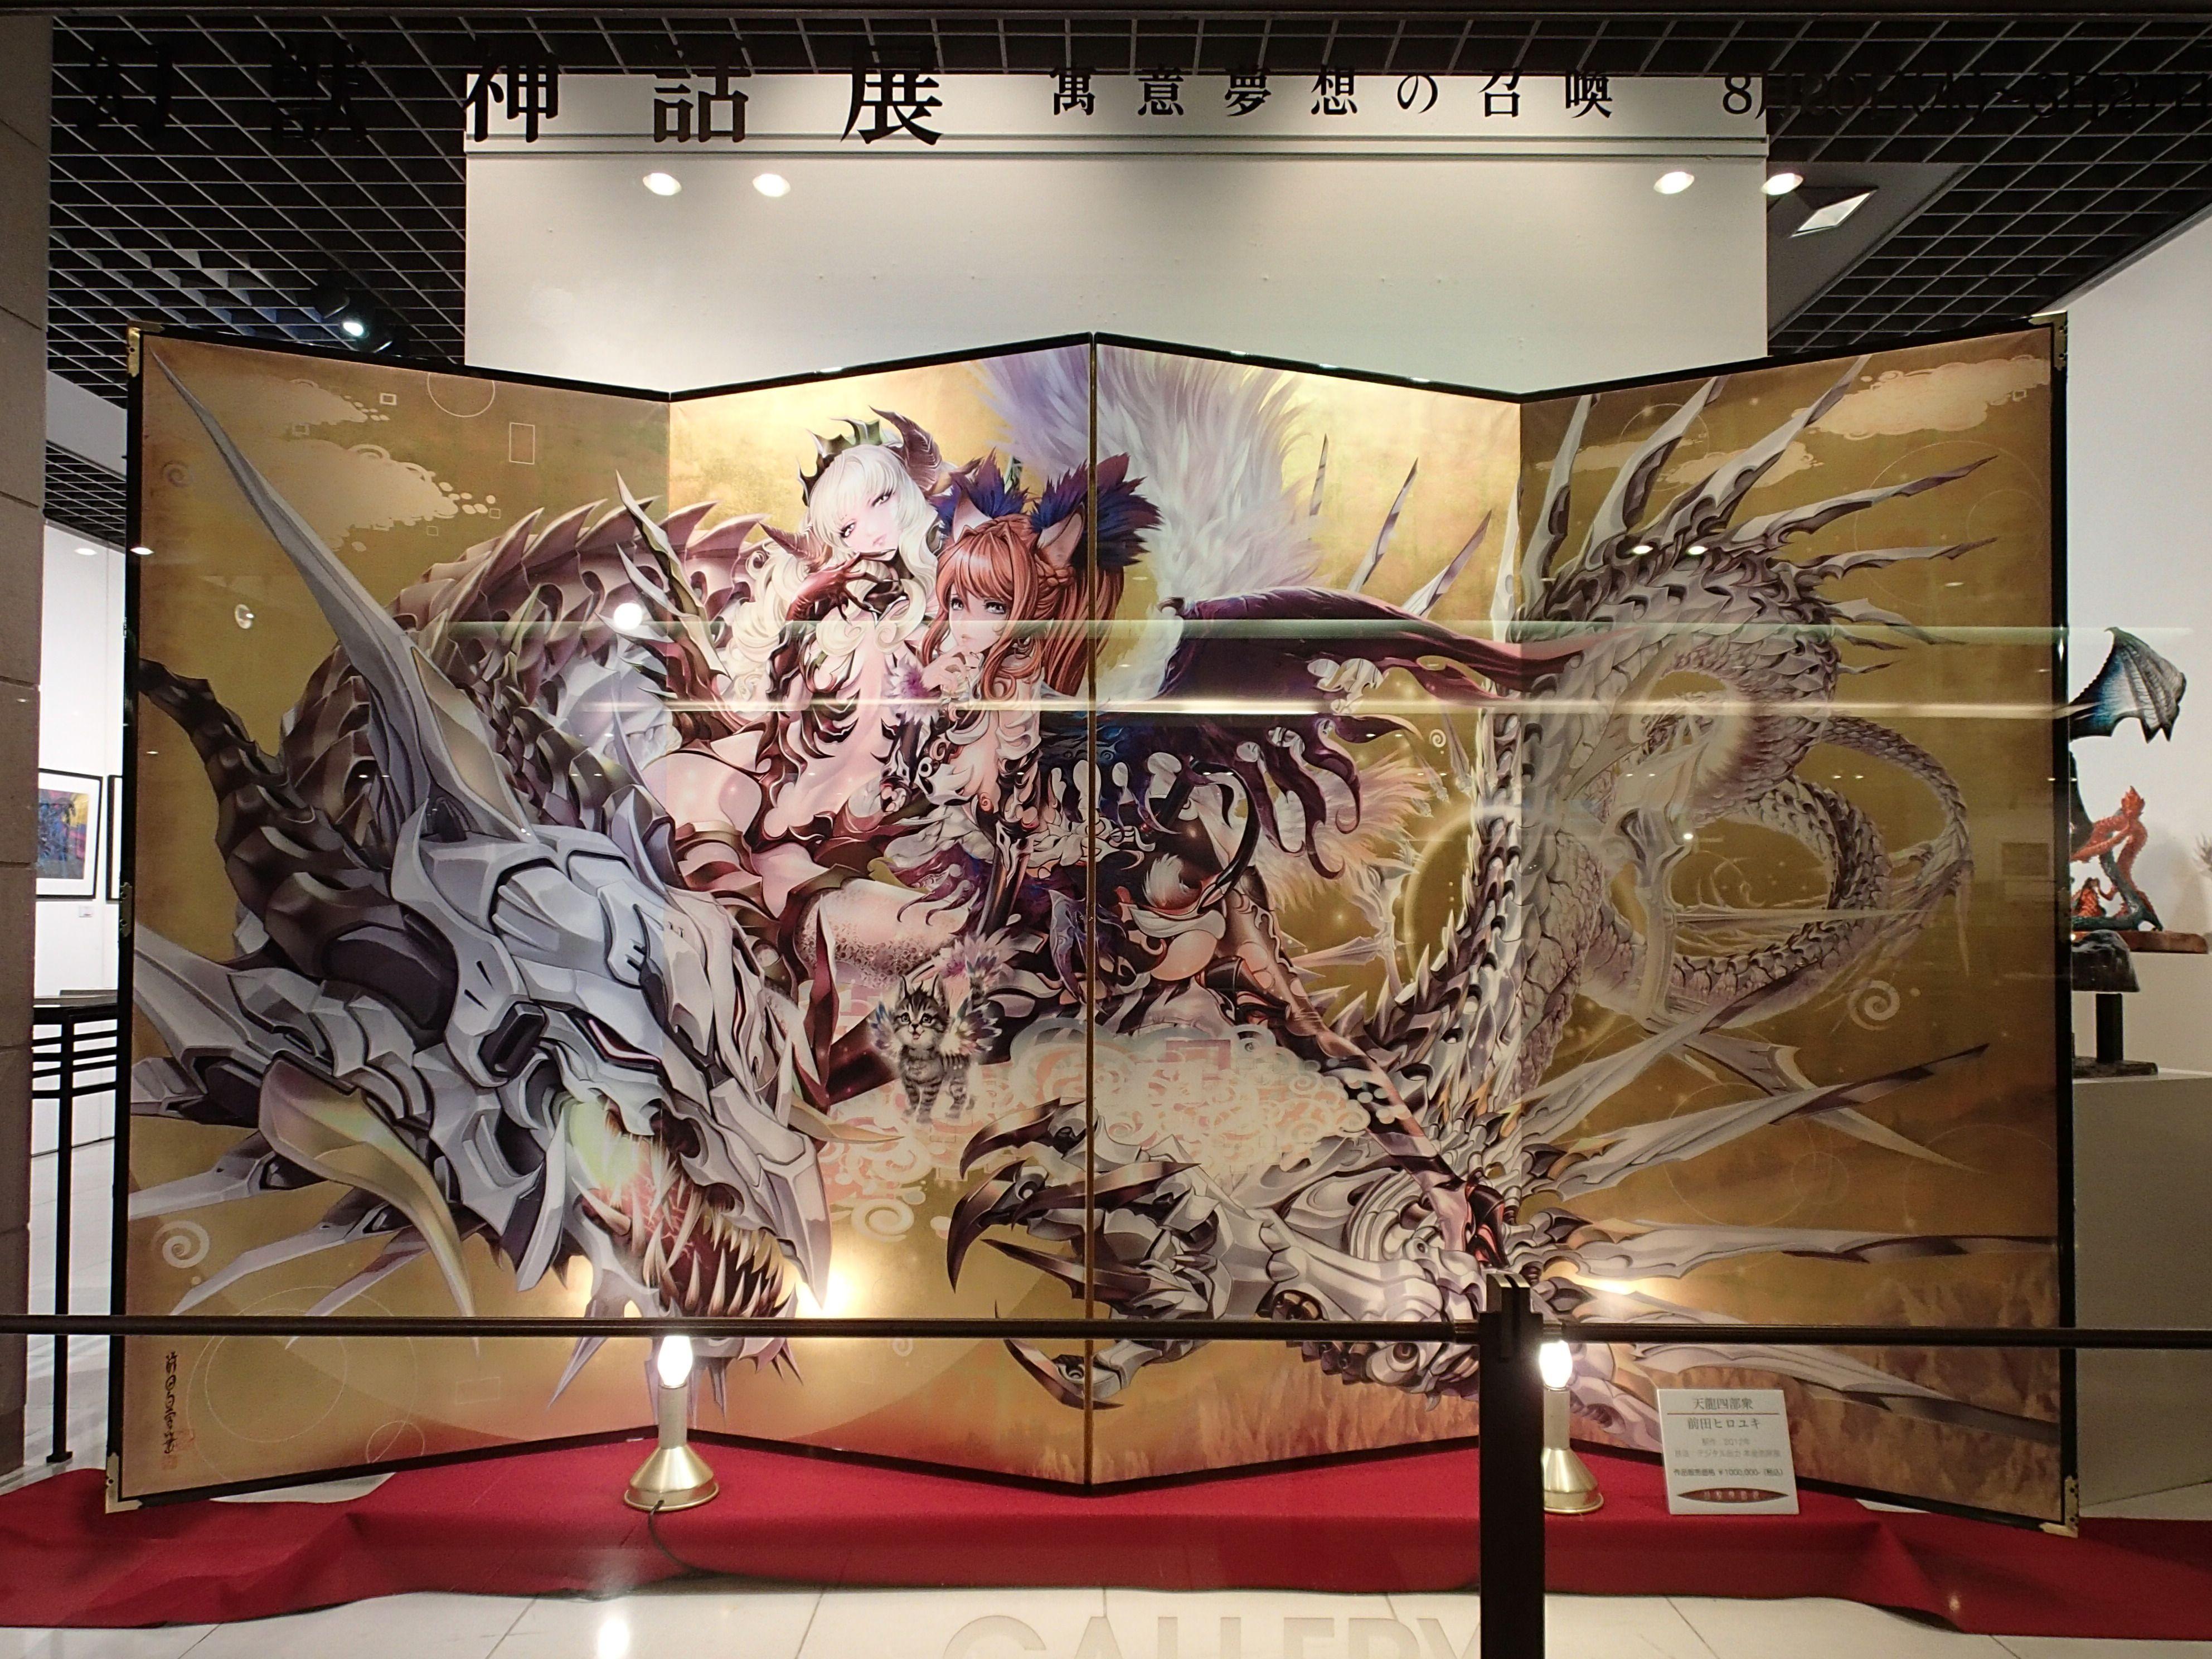 幻獣神話展 寓意夢想の召喚@渋谷bunkamuraギャラリー~ファンタジー世界に登場する空想上の生き物たちが集う幻想的な展覧会~